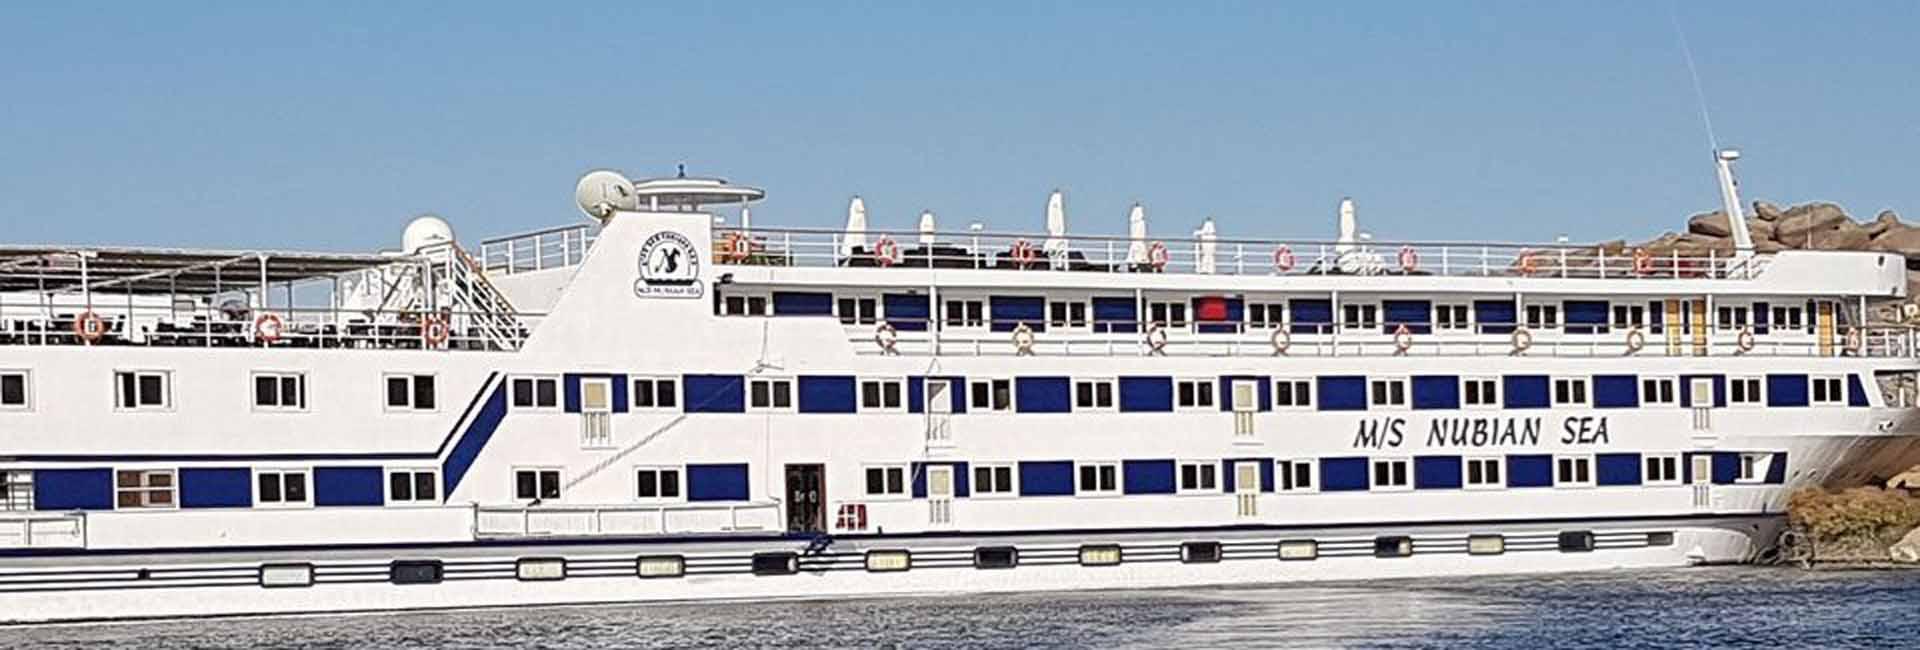 Nubian Sea Cruise